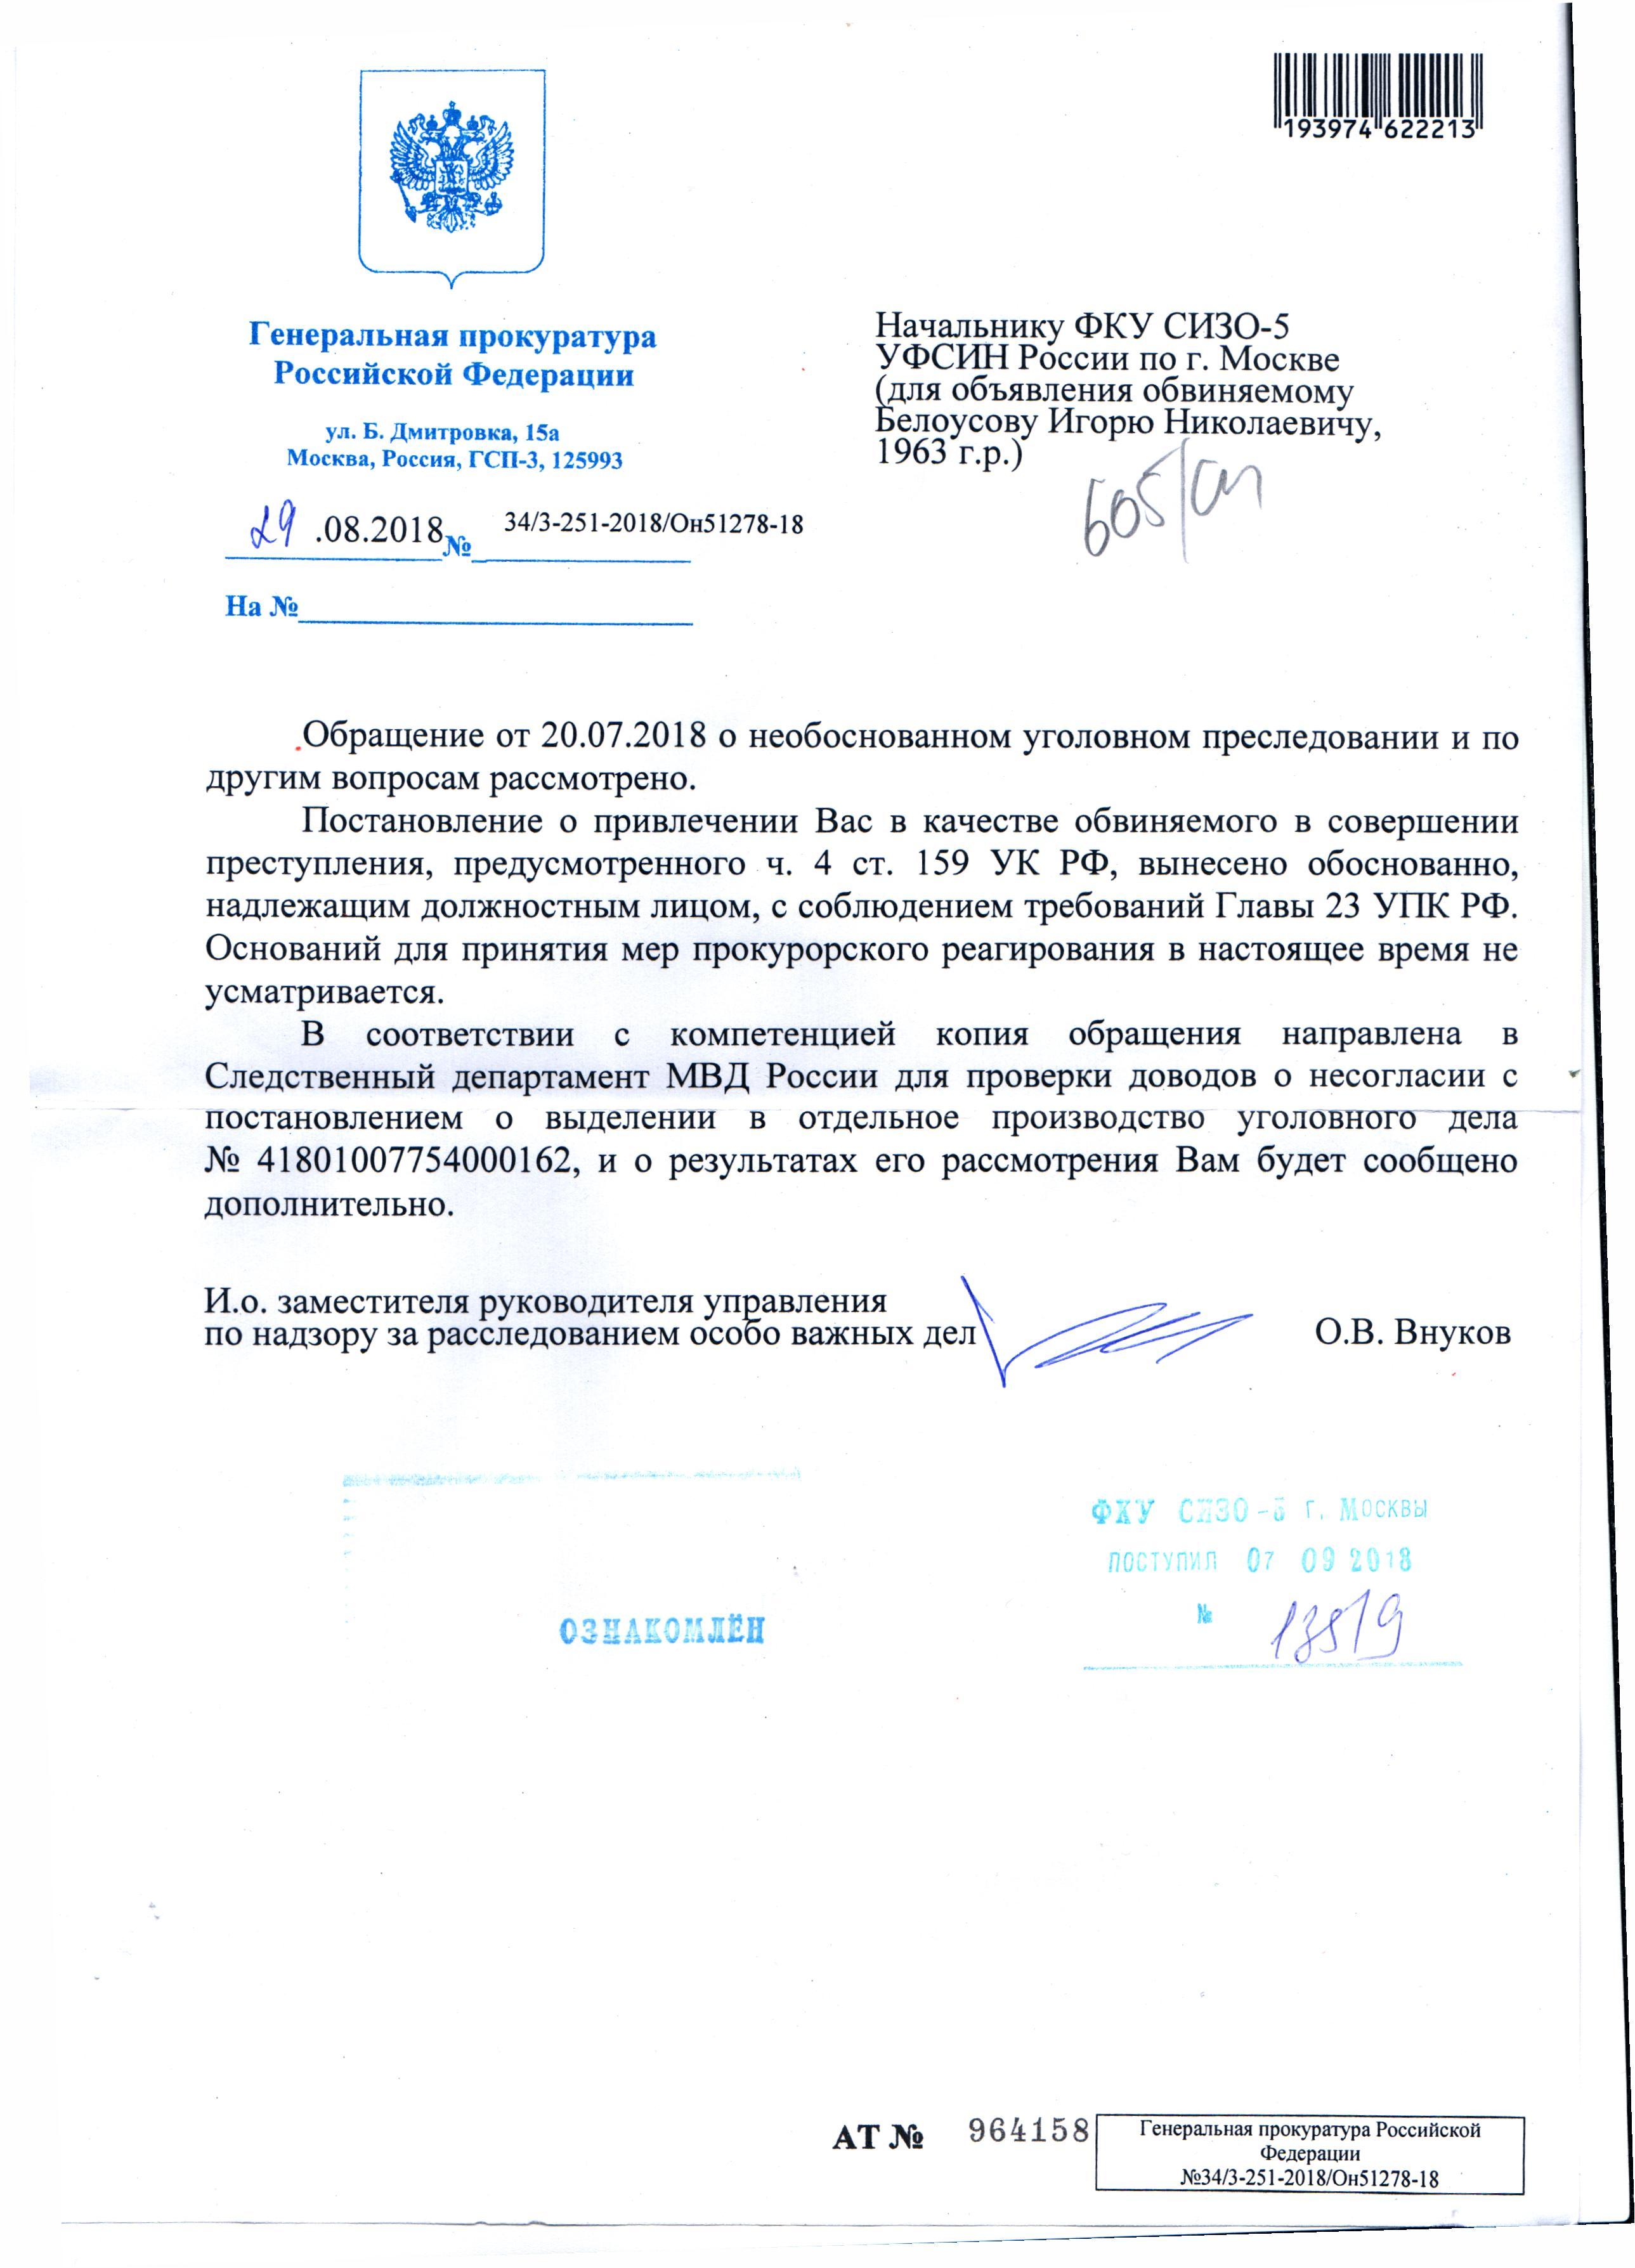 Ответ Белоусову из Генпрокуратуры от 29.08.2018